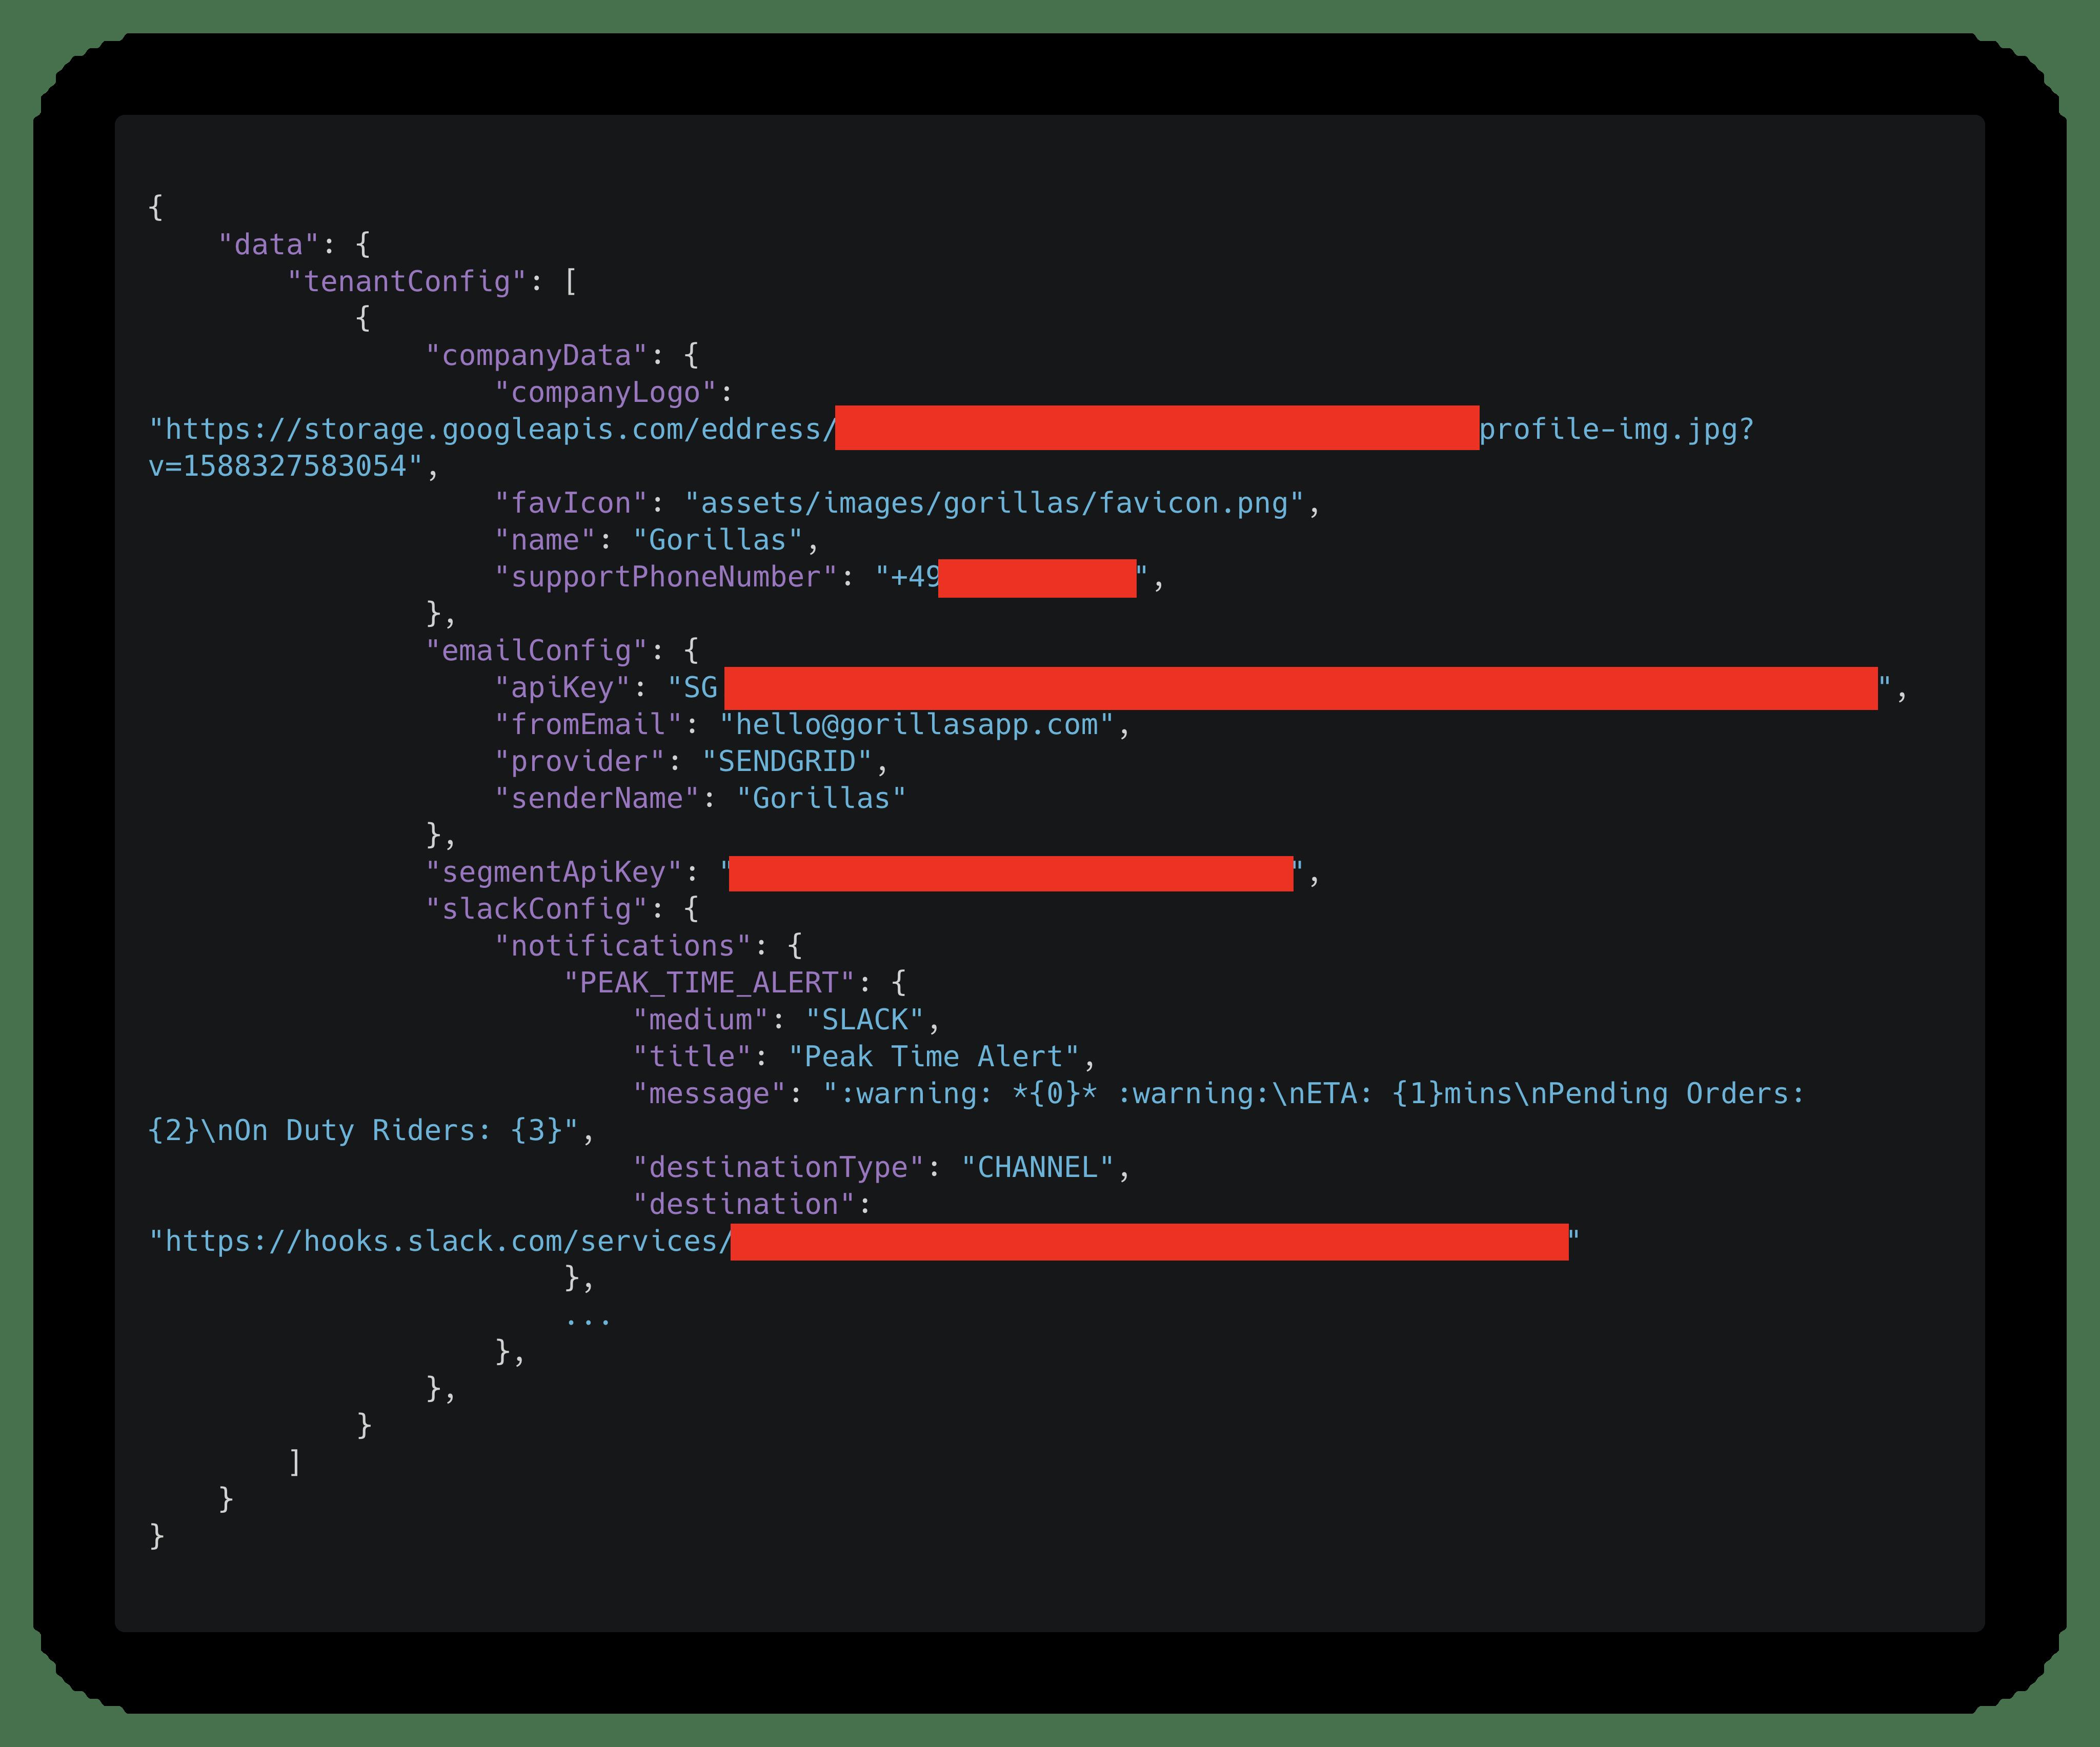 GraphQL API Response, die Daten zeigen Objekte wie 'emailConfig' mit apiKey, Absender-Emailadresse und 'slackConfig'.